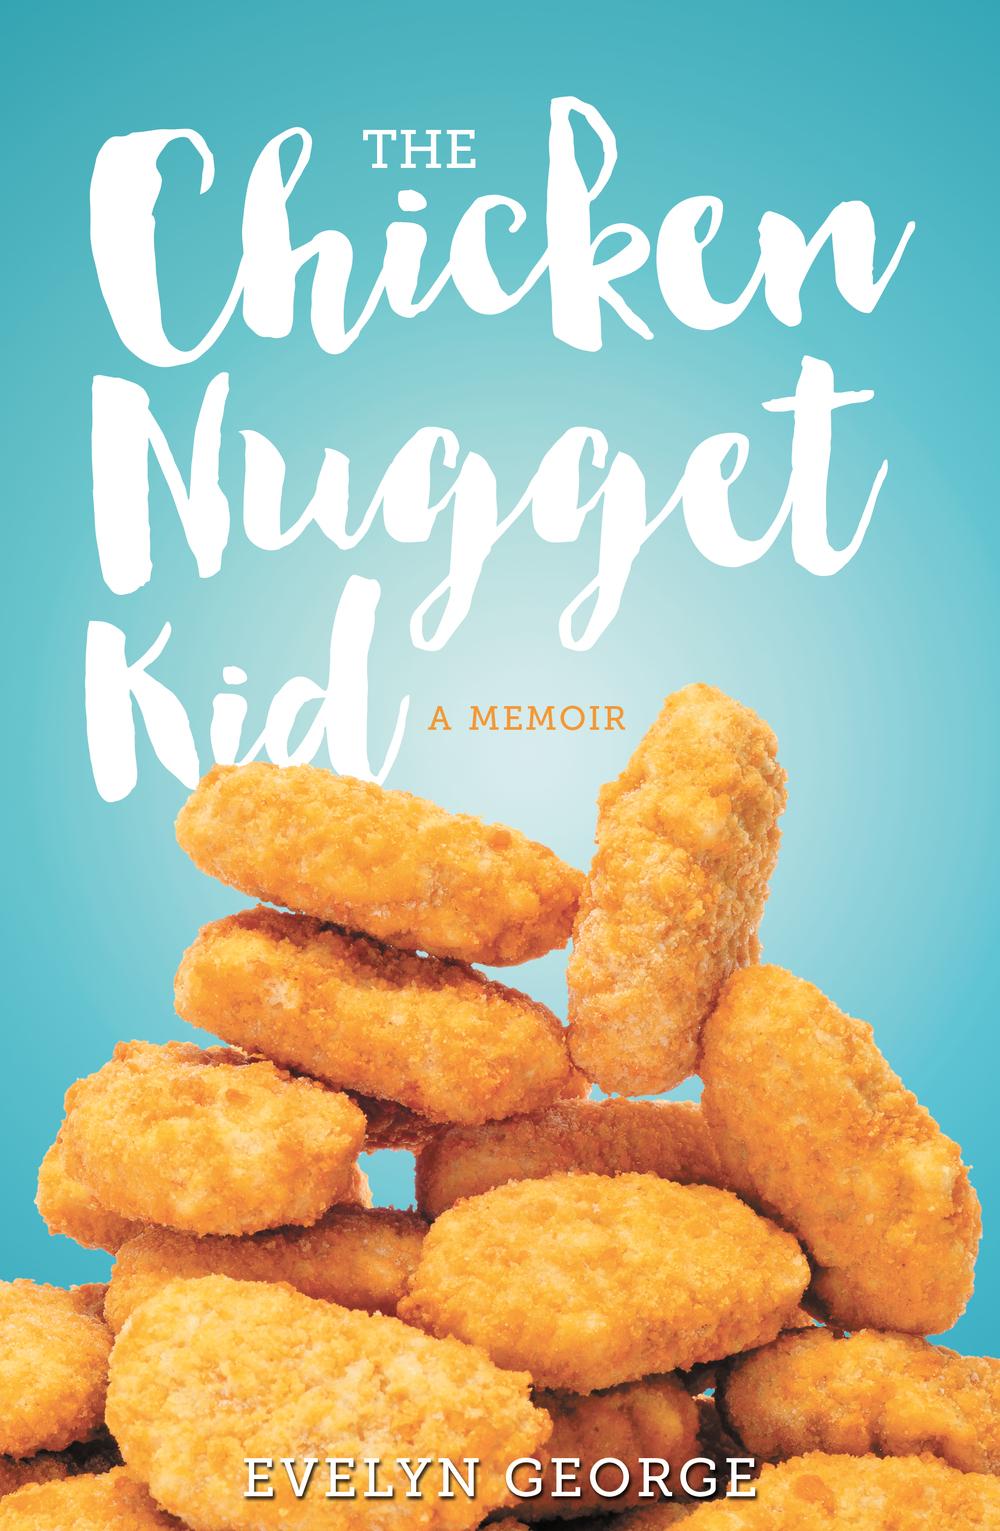 ChickenNuggetKid.jpg